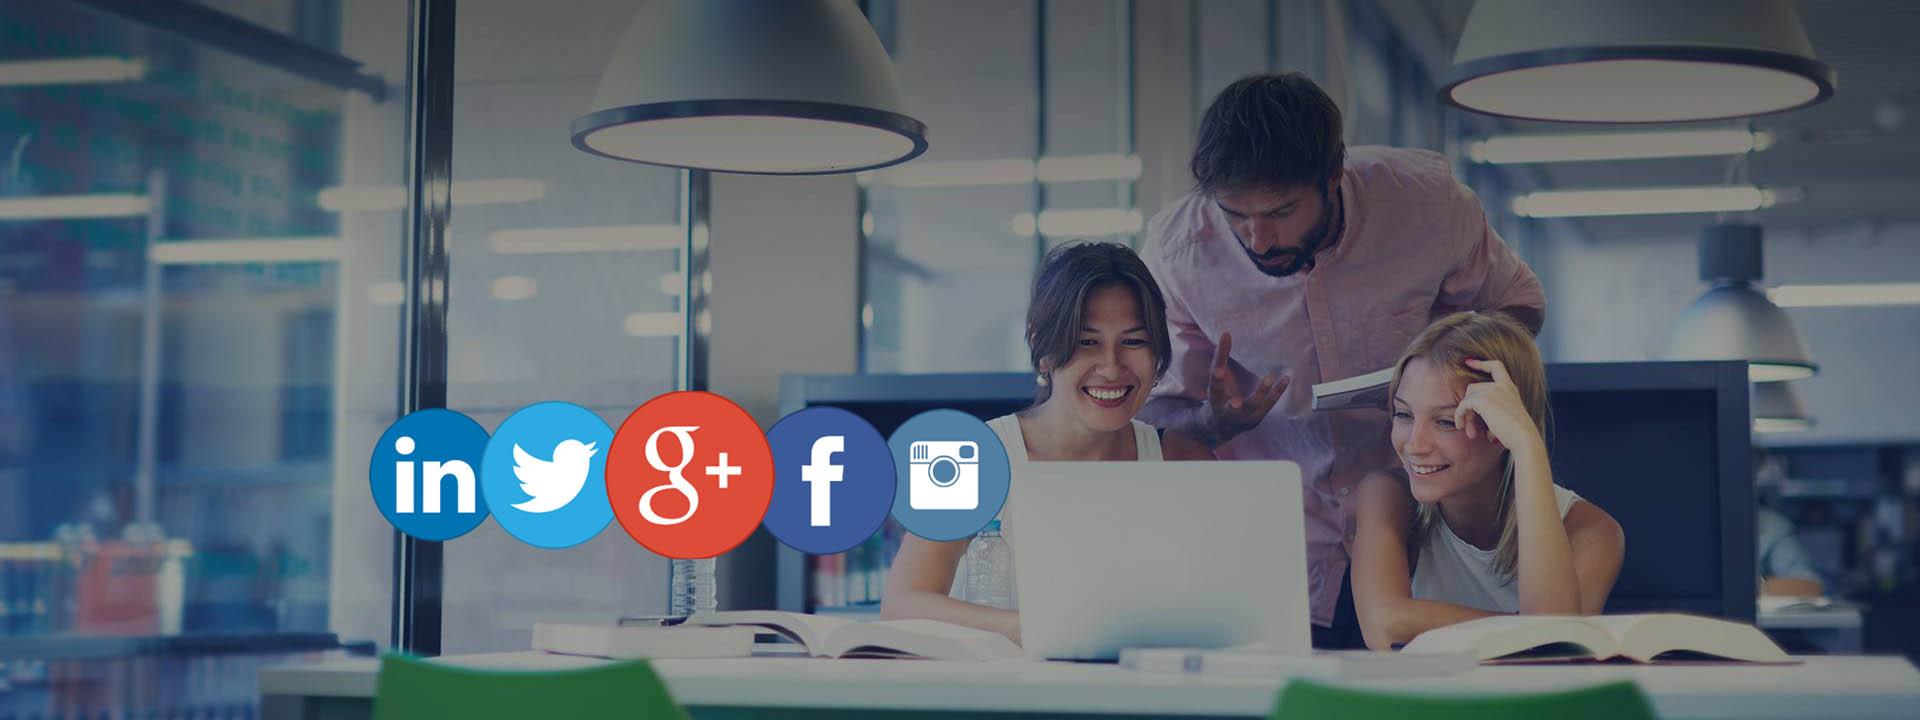 iStarto百客聚-首页banner-海外社交媒体广告营销